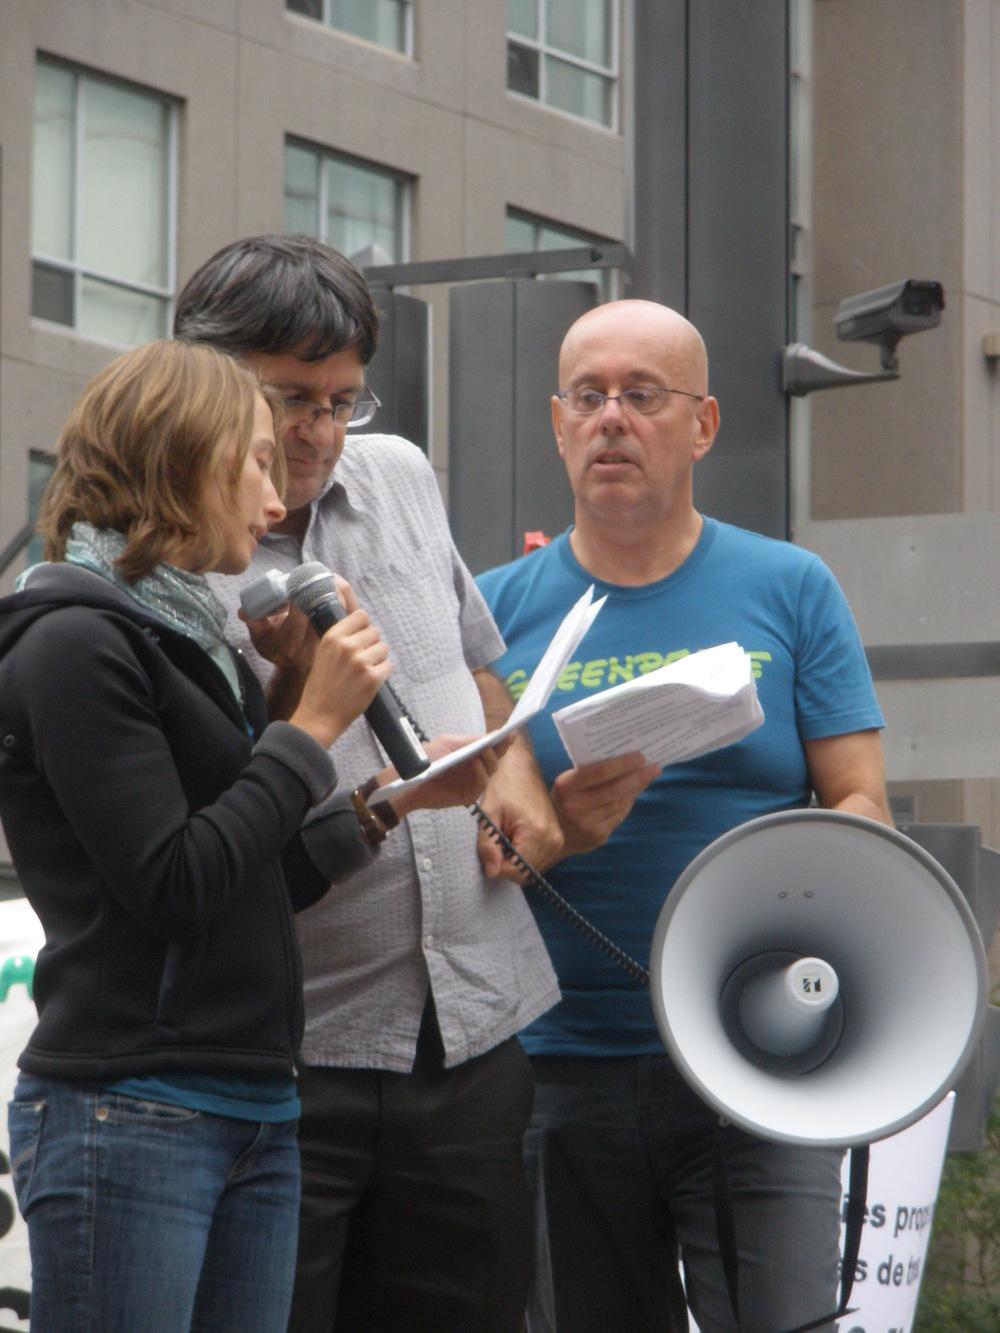 Manifestation contre les énergies sales, 12 septembre 2010, Montréal. Raphaëlle prête sa voix au texte de la porte-parole d'Attention FragÎles!